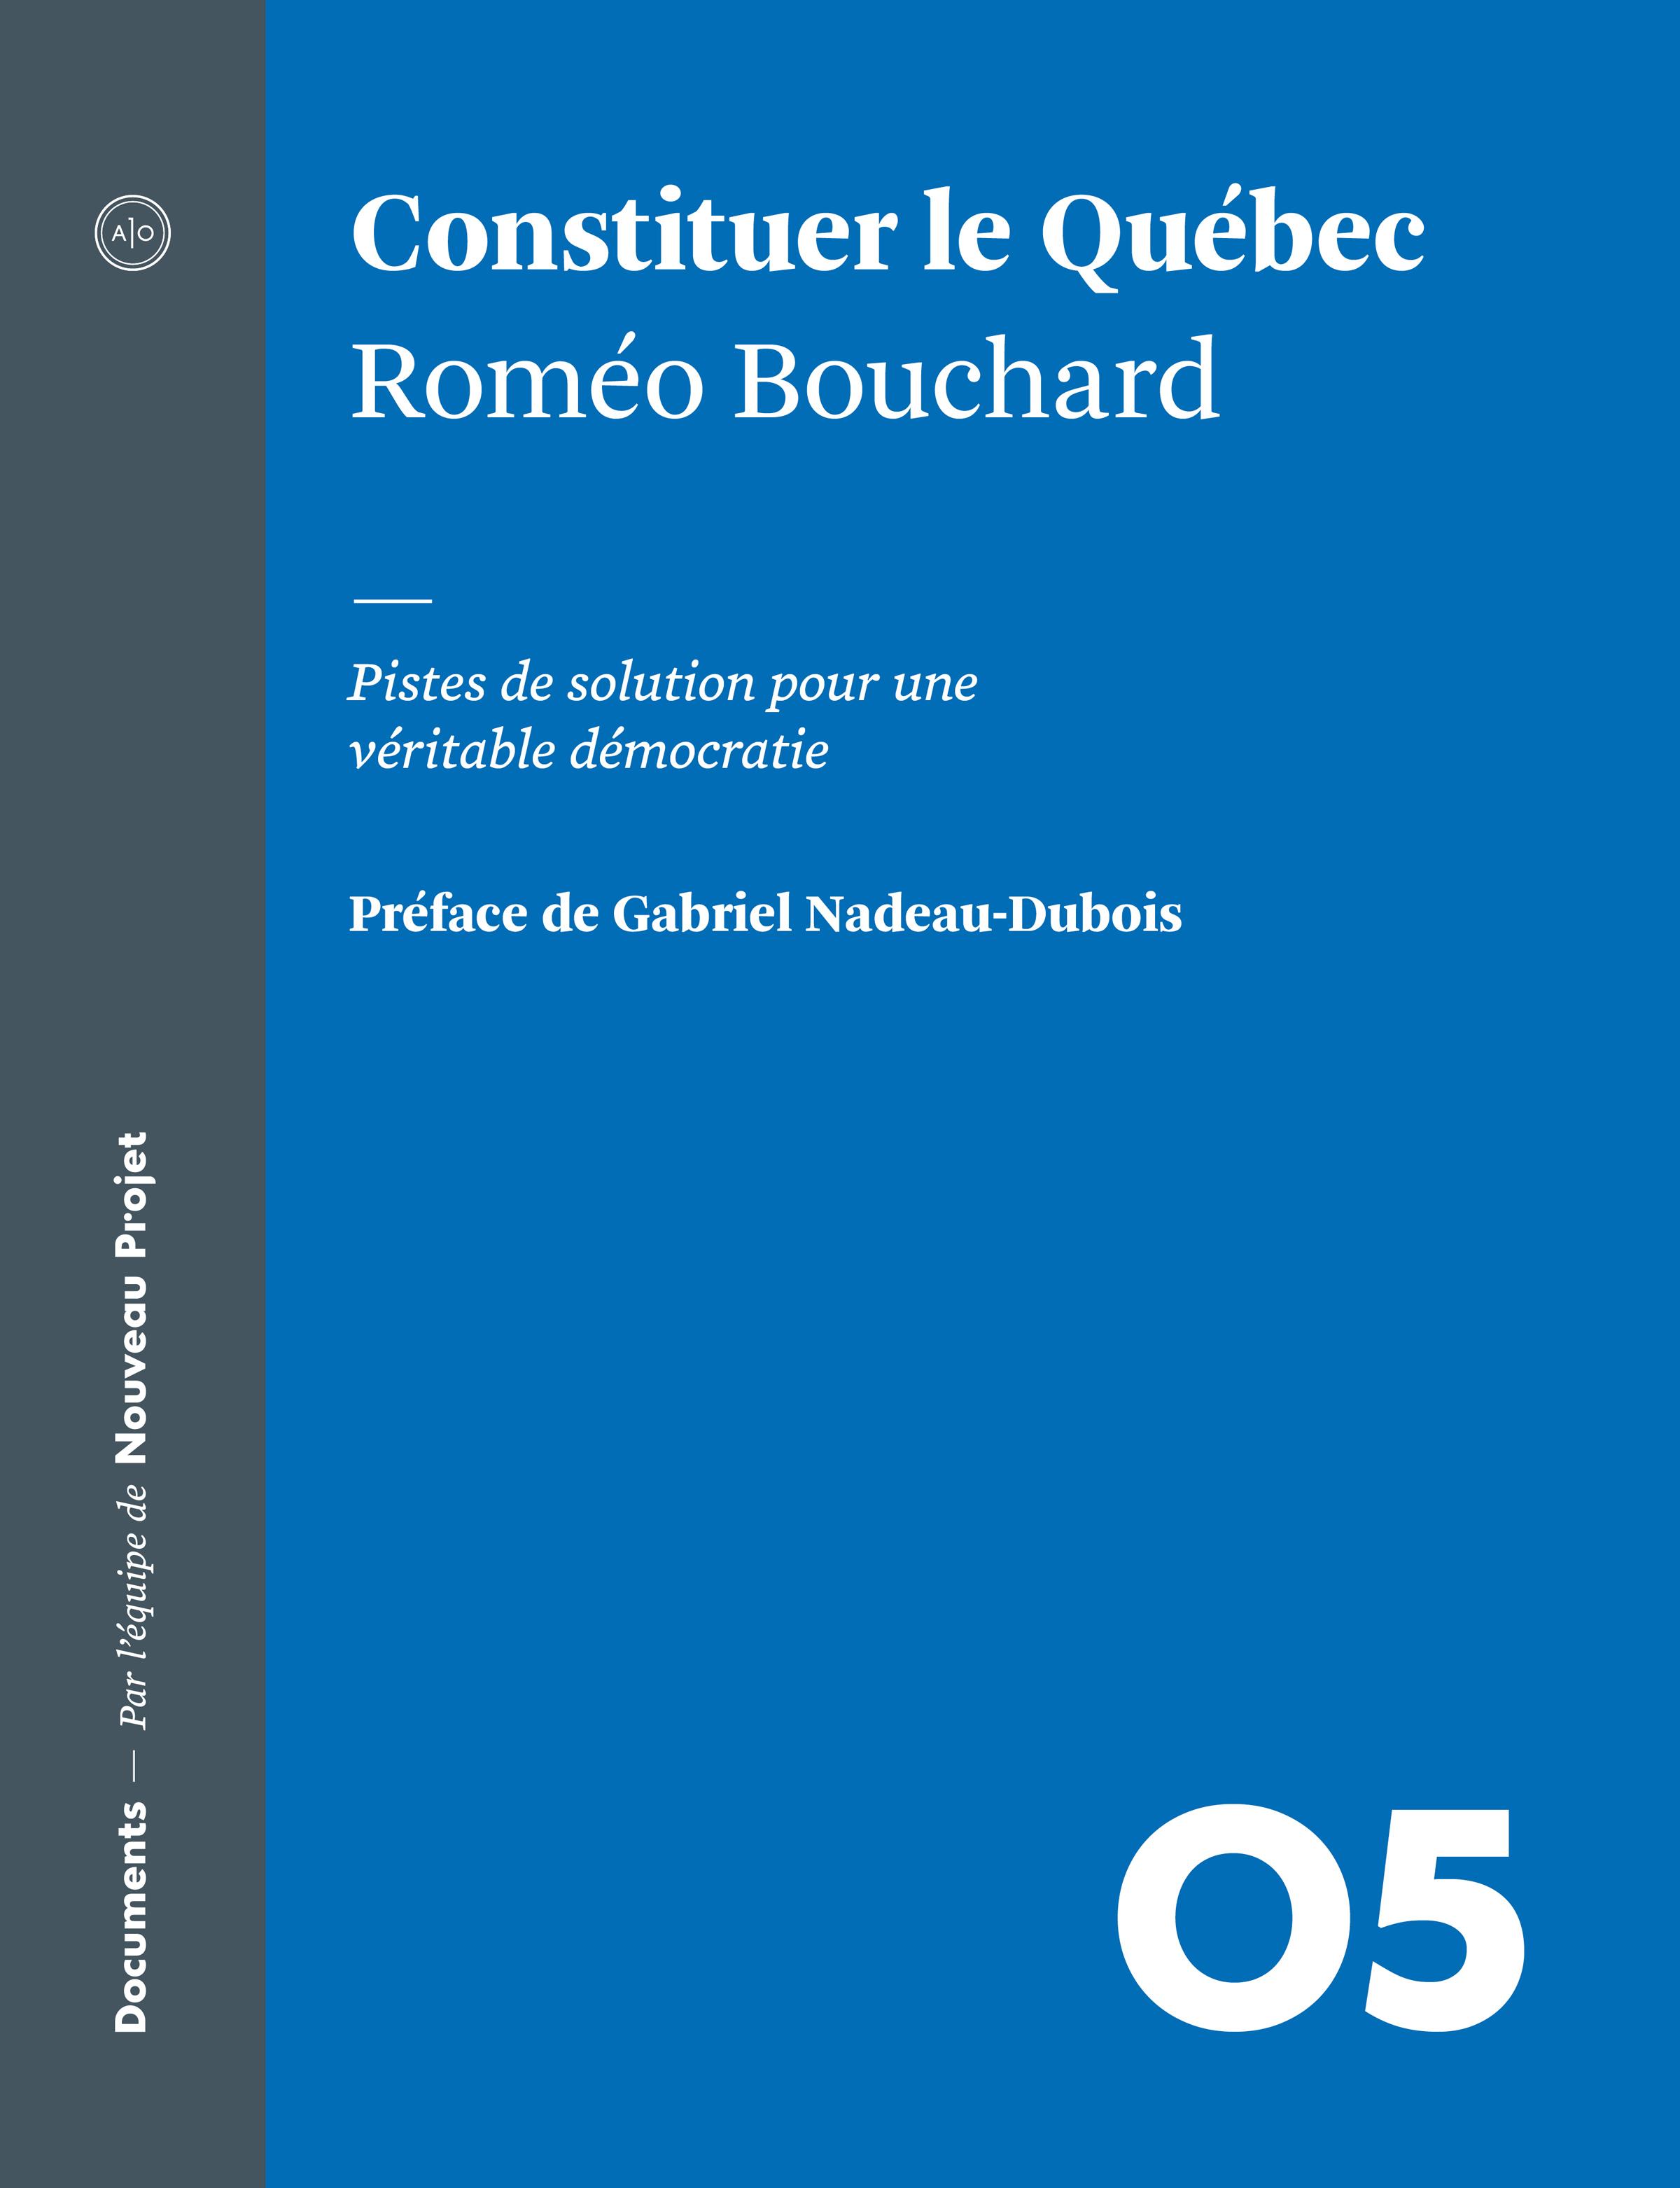 Couverture du livre de Roméo Bouchard :